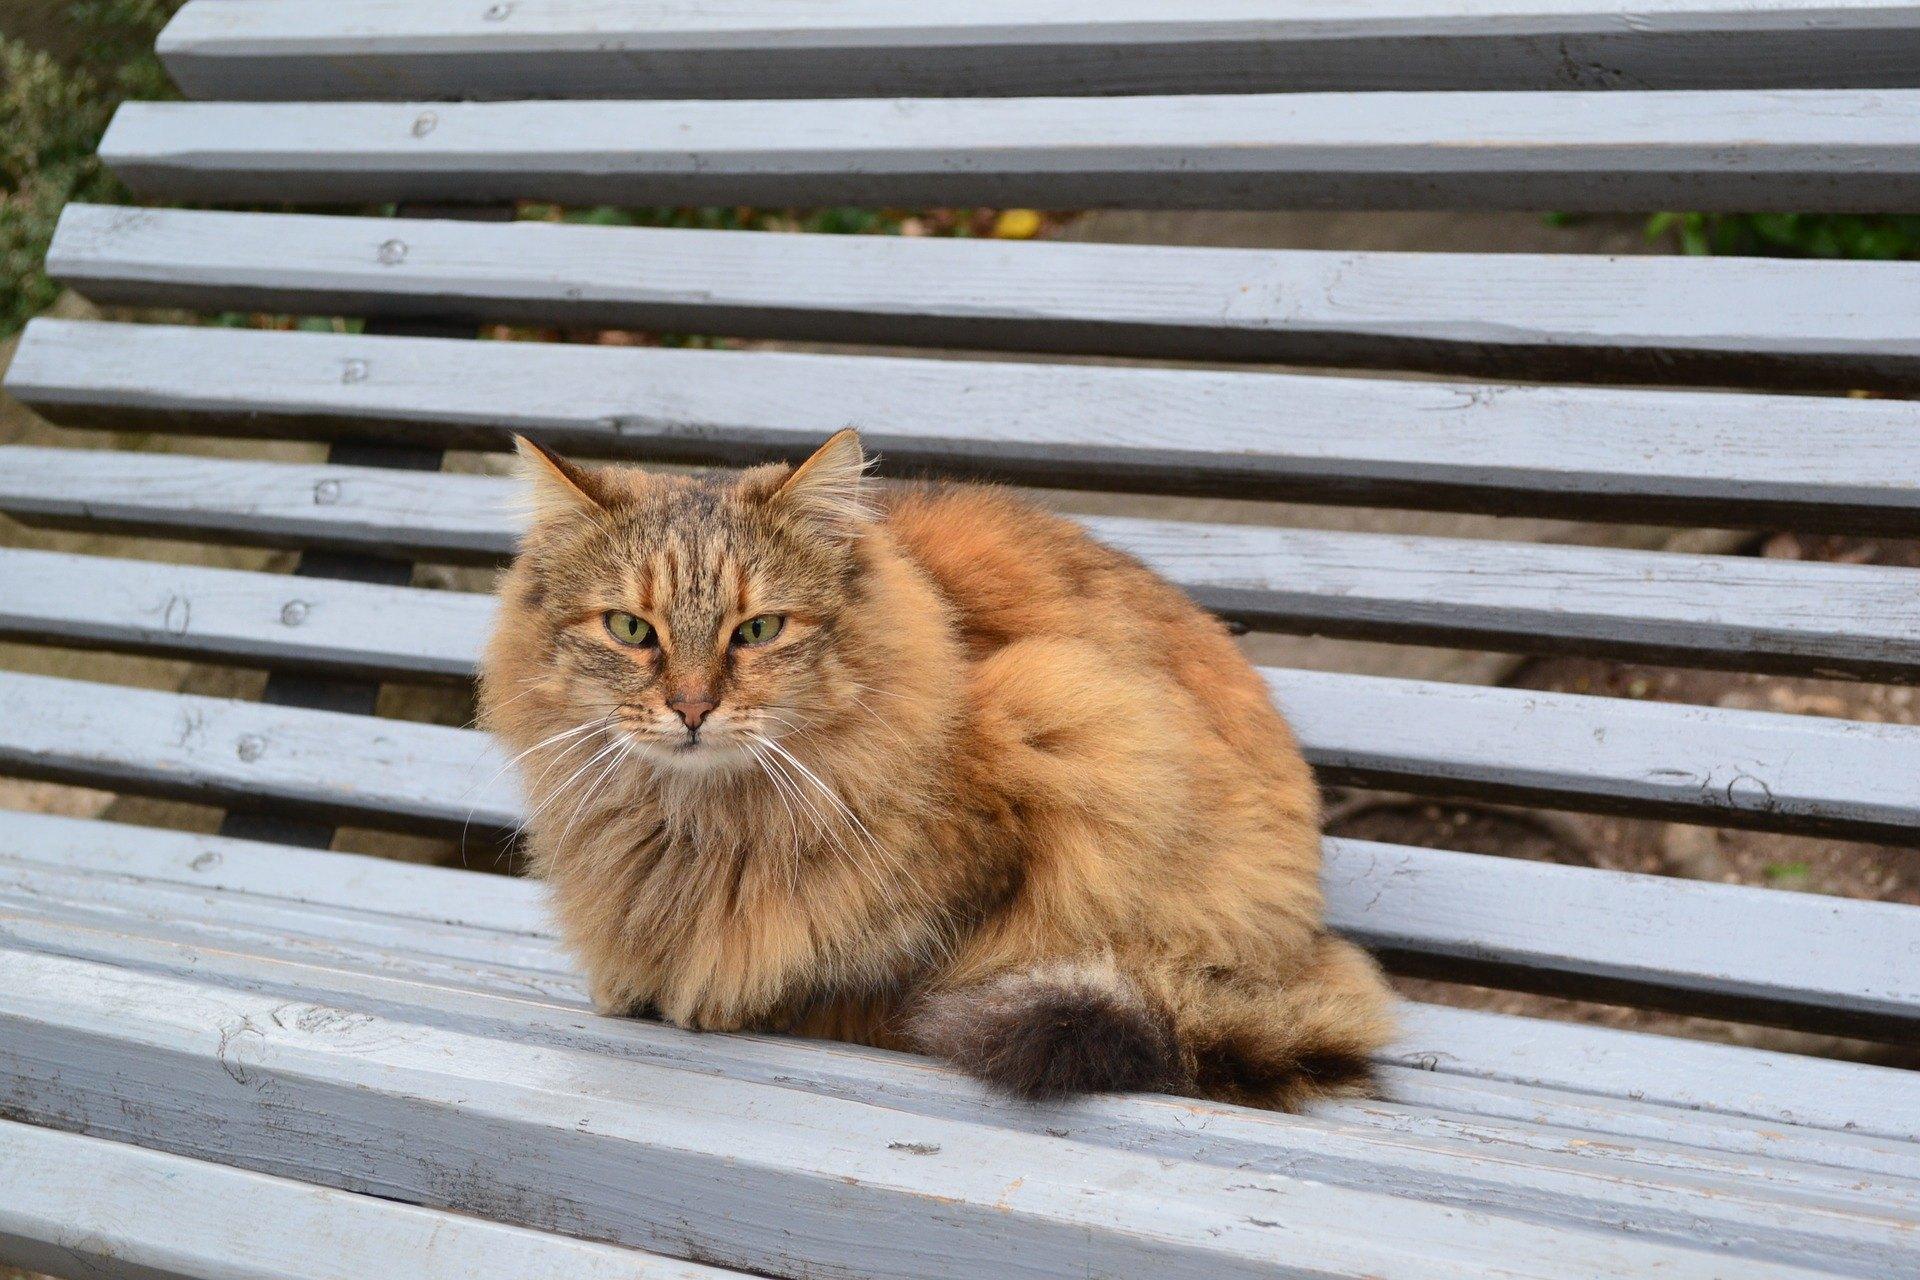 Kočky připomínající lišky jsou polodlouhosrstými příbuznými habešských koček. Seznamte se s výjimečnými somálskými kočkami!